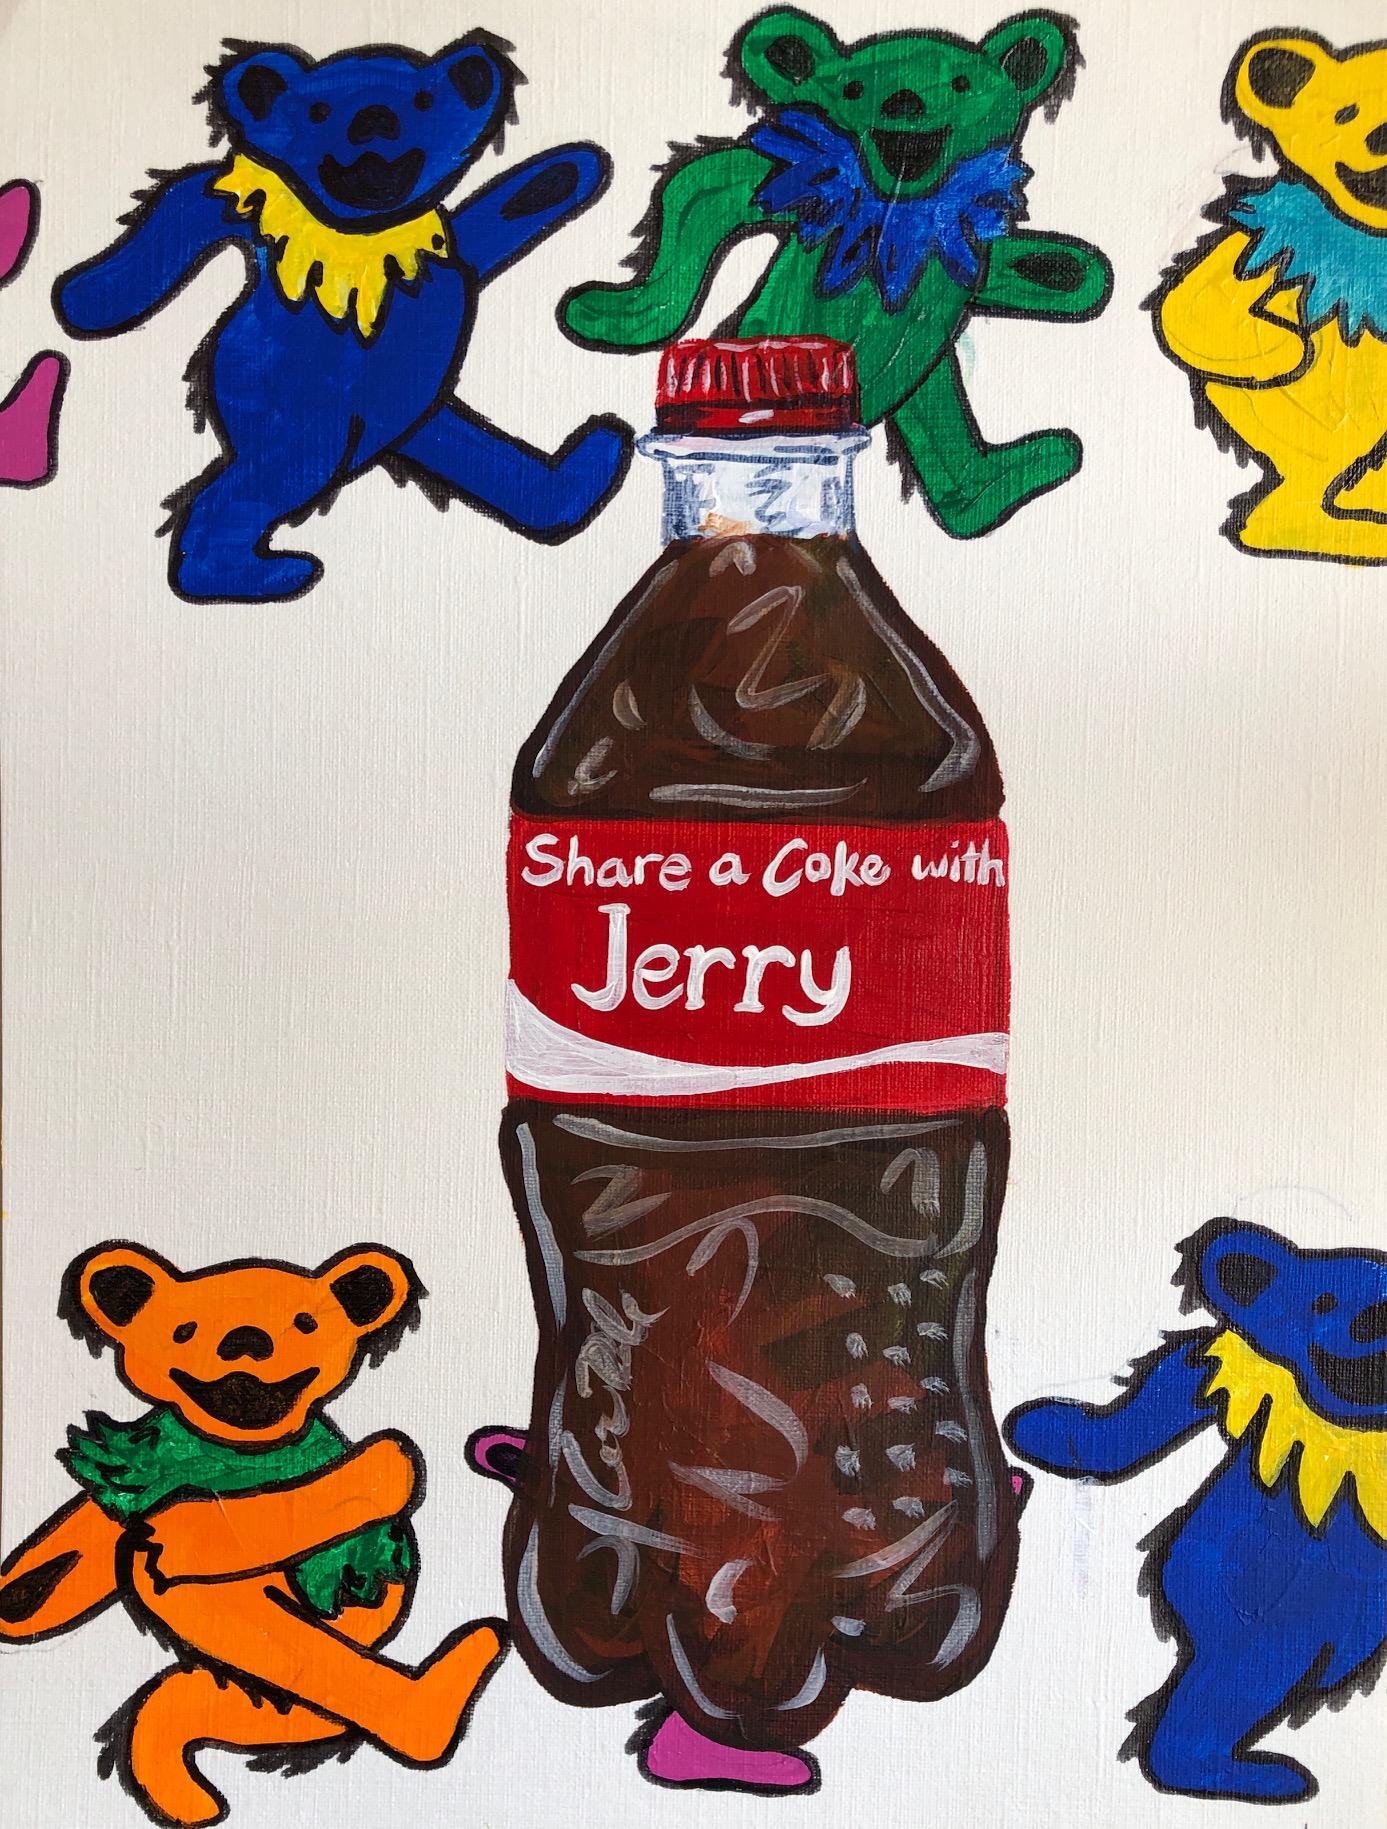 Garcia's Coke